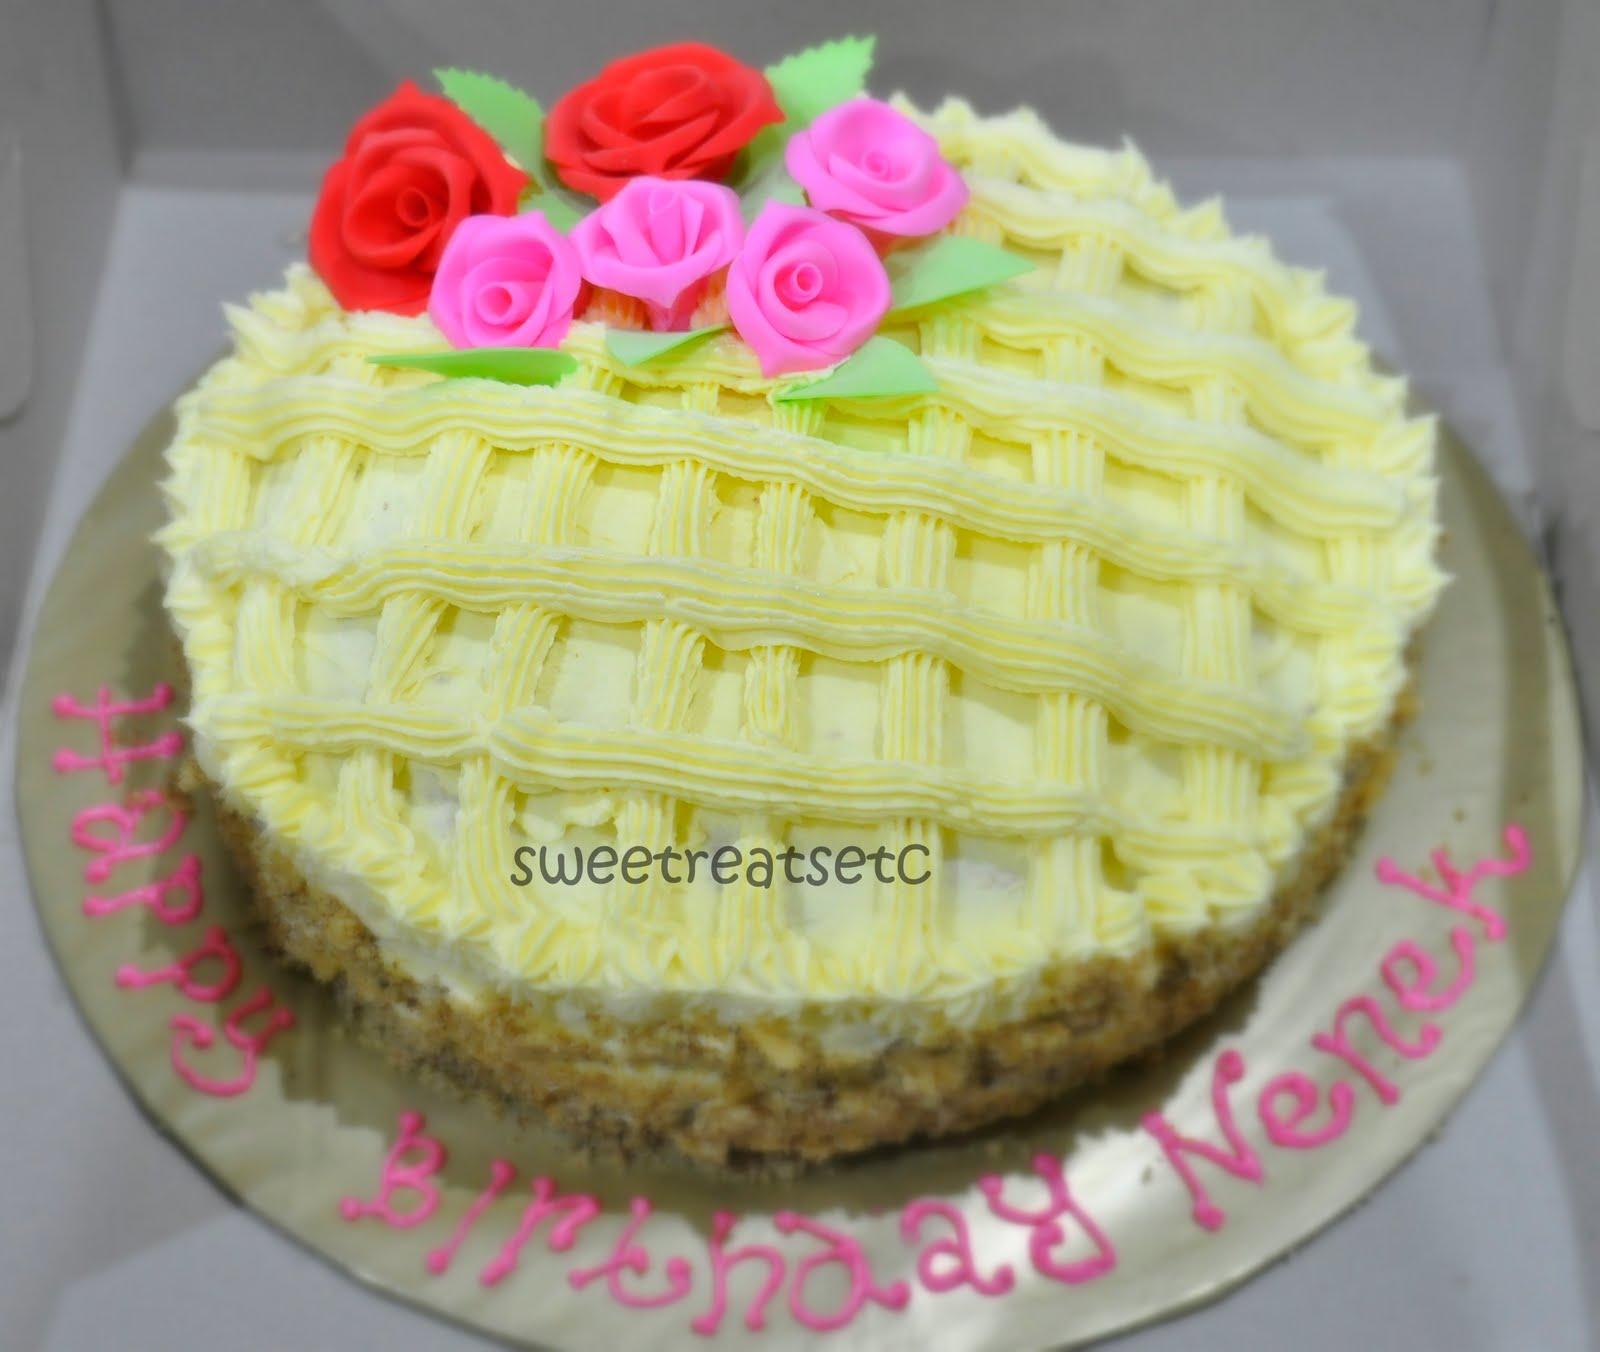 Sweetreats Etcetera: October 2010